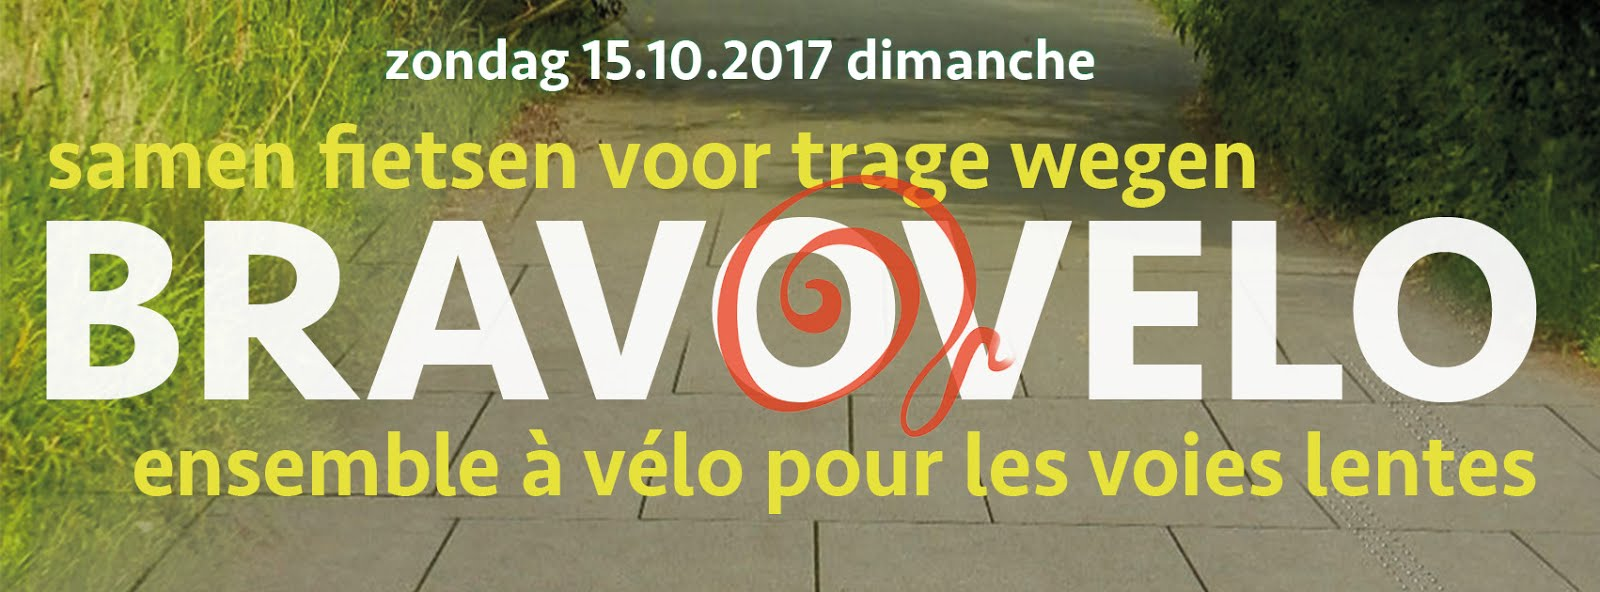 BravoVelo voor Trage Wegen